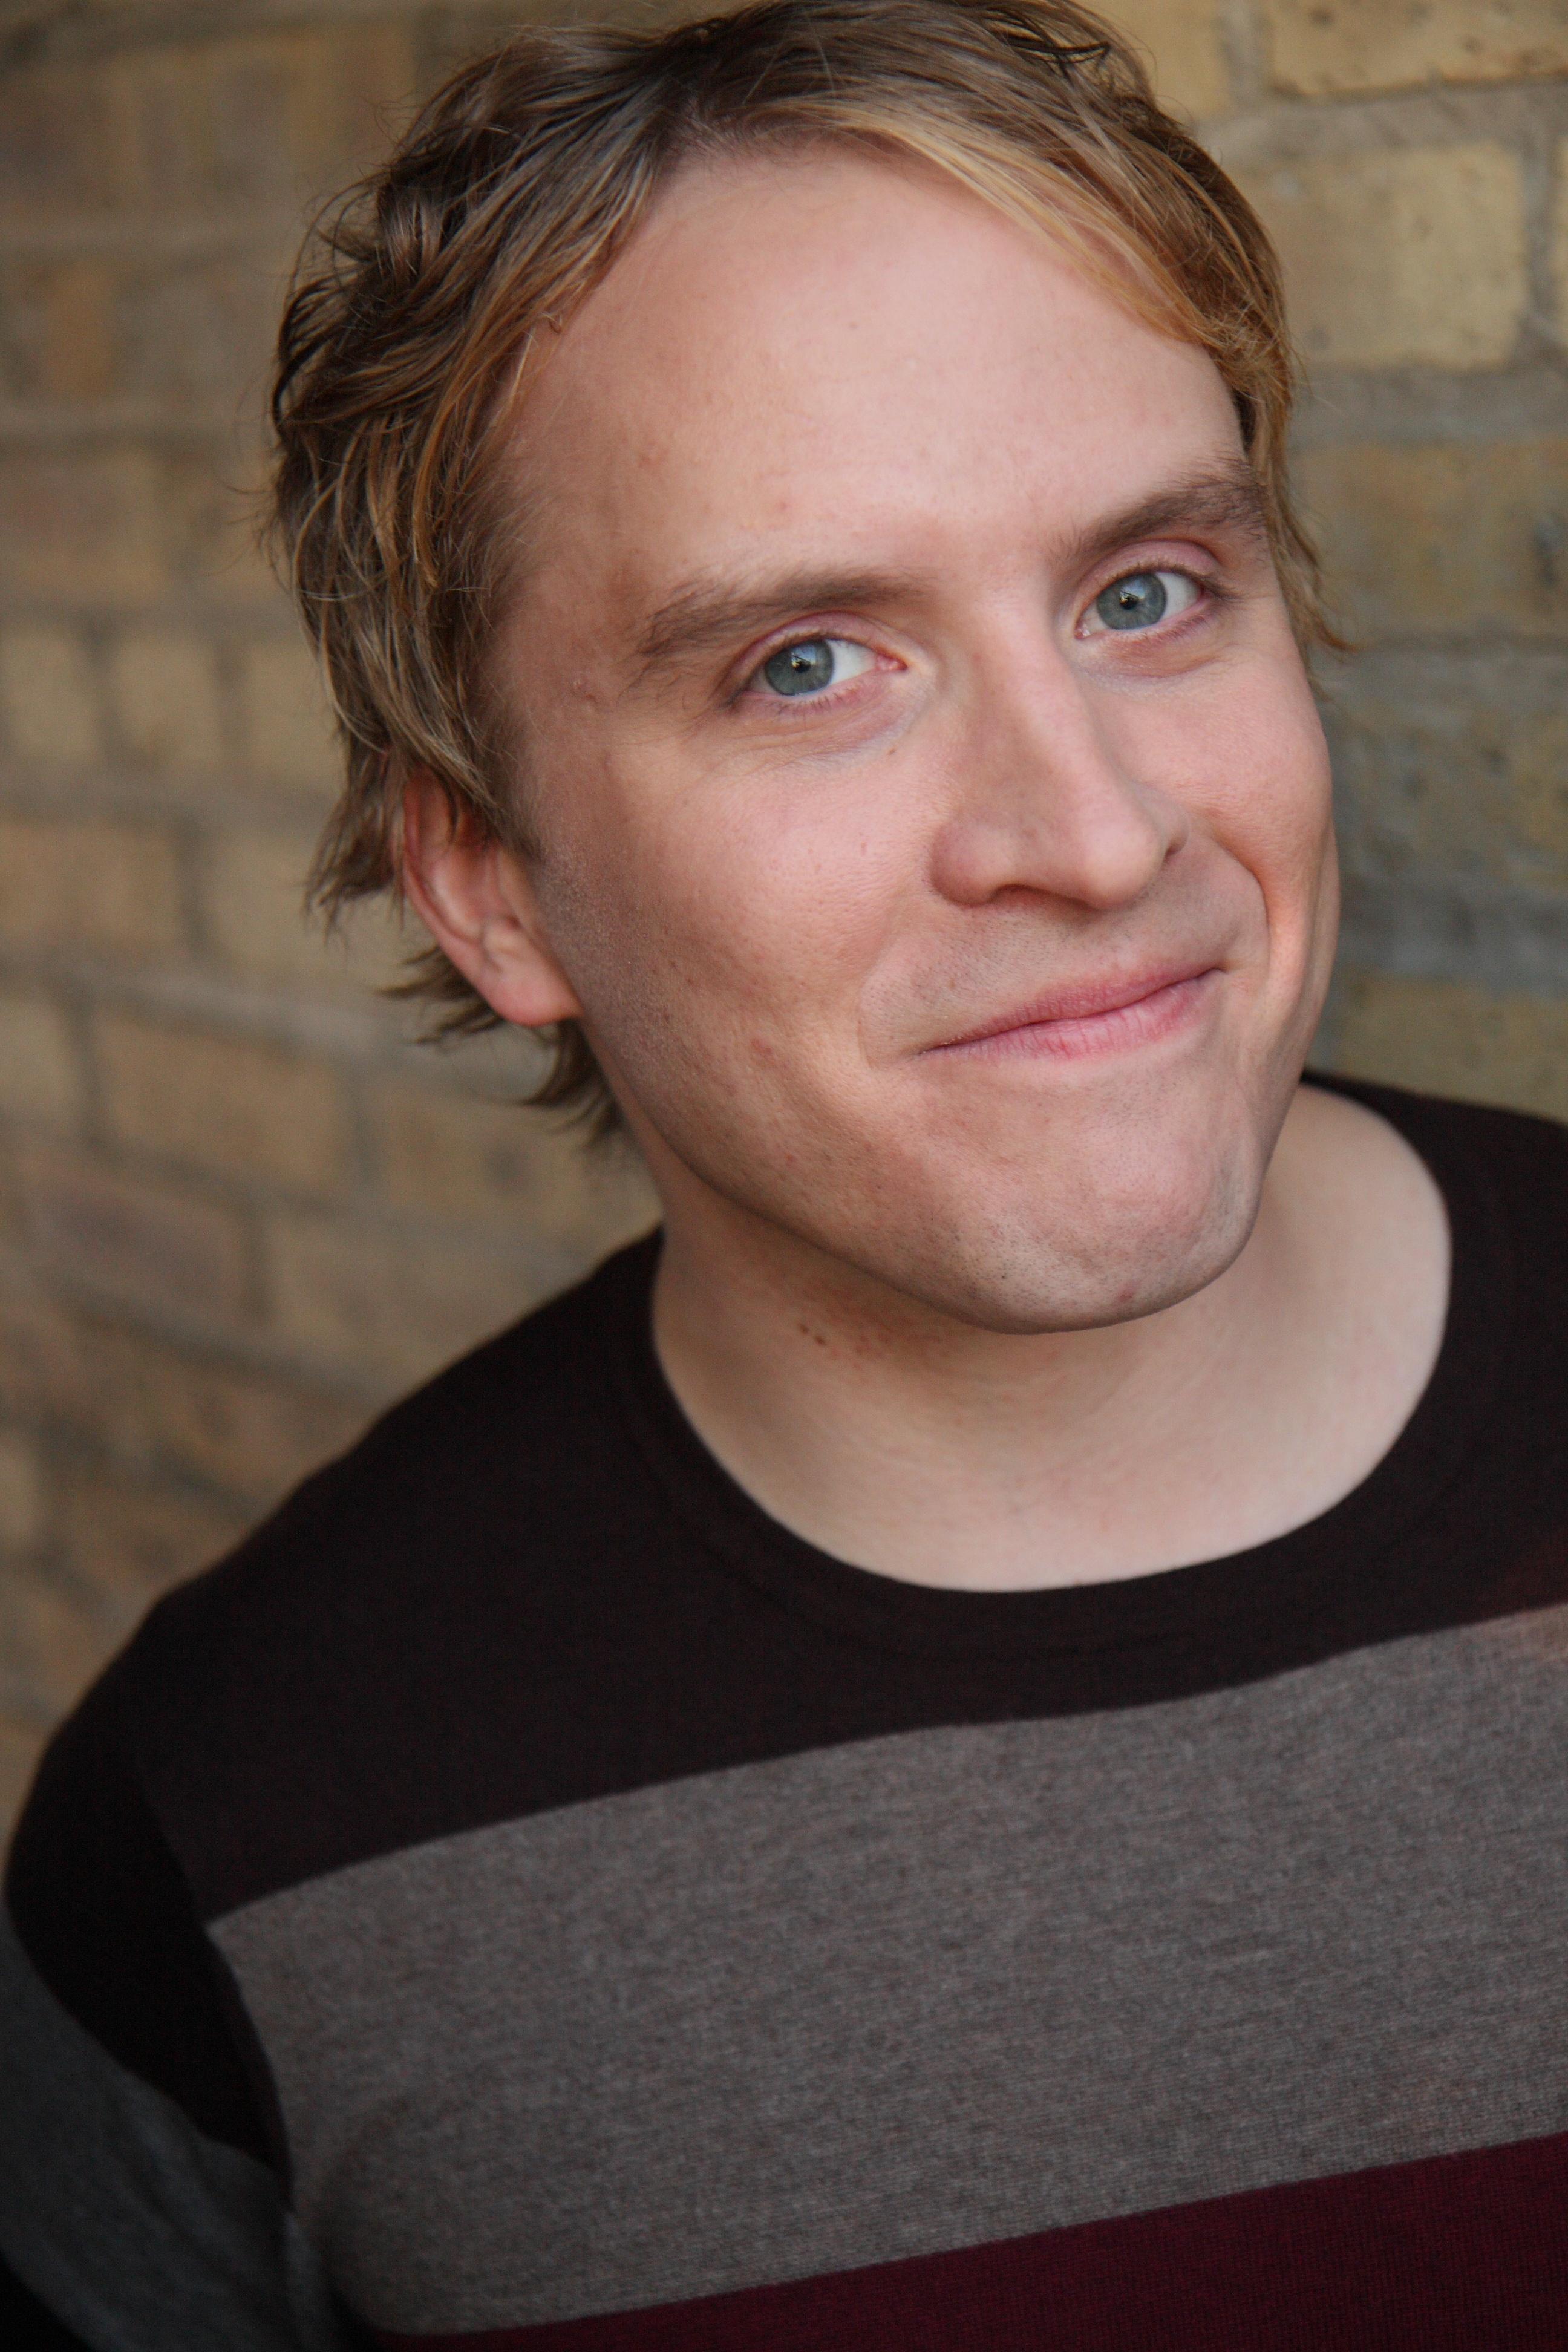 Nathan Kontny